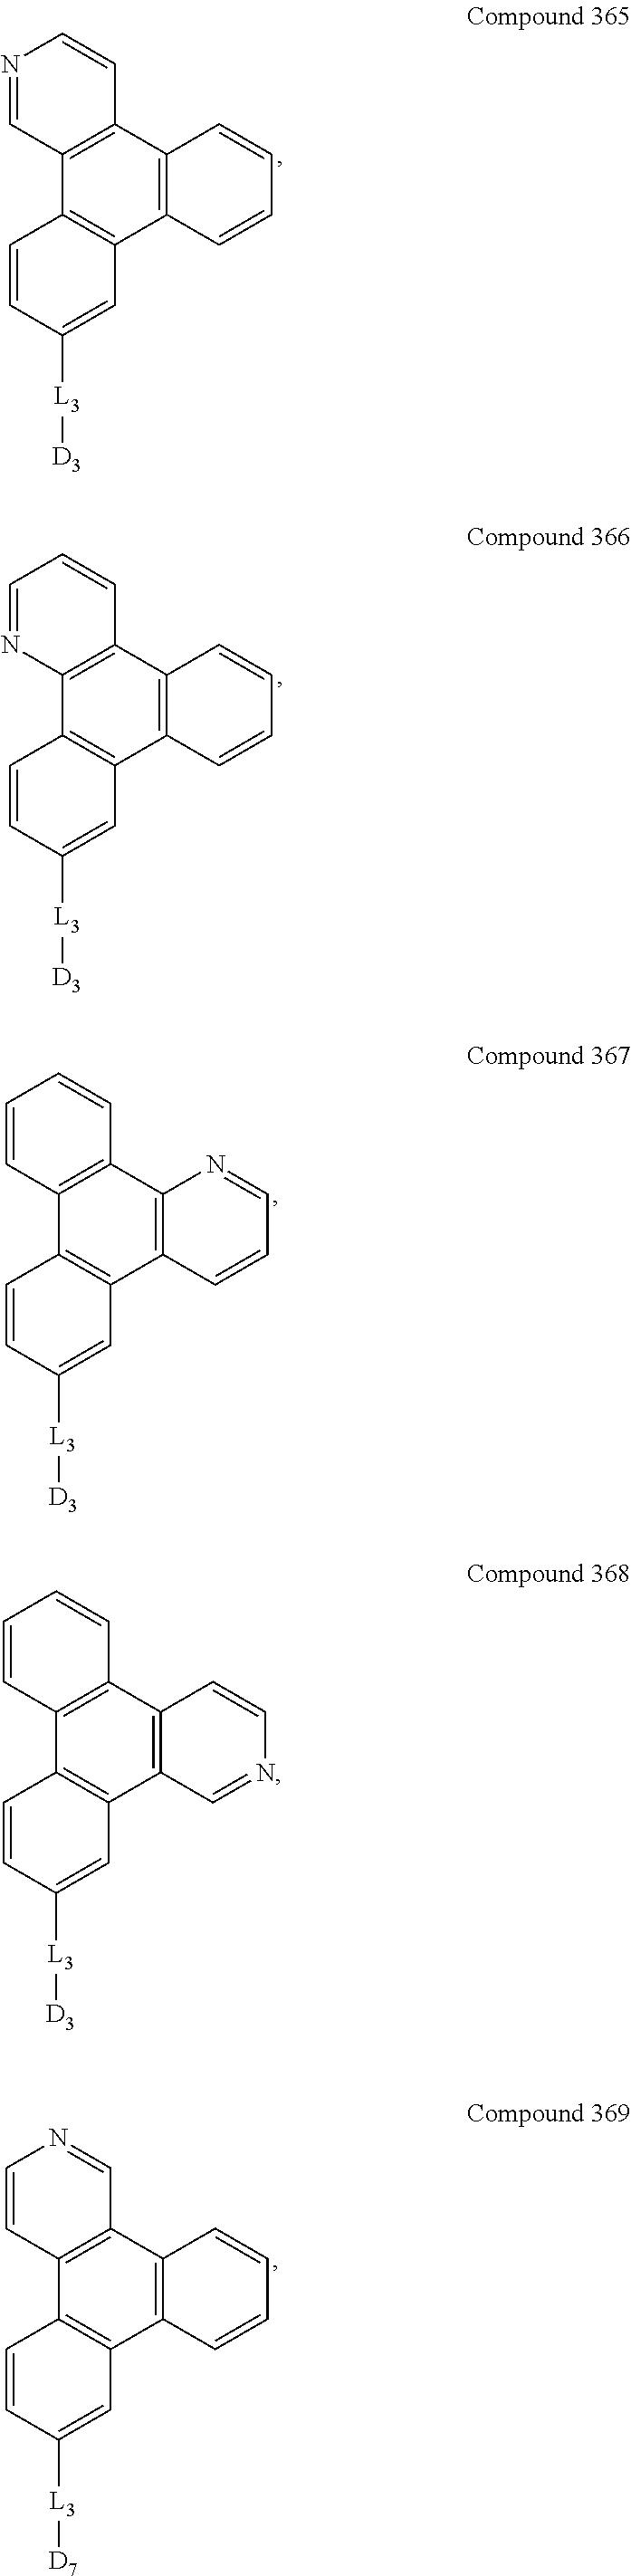 Figure US09537106-20170103-C00547